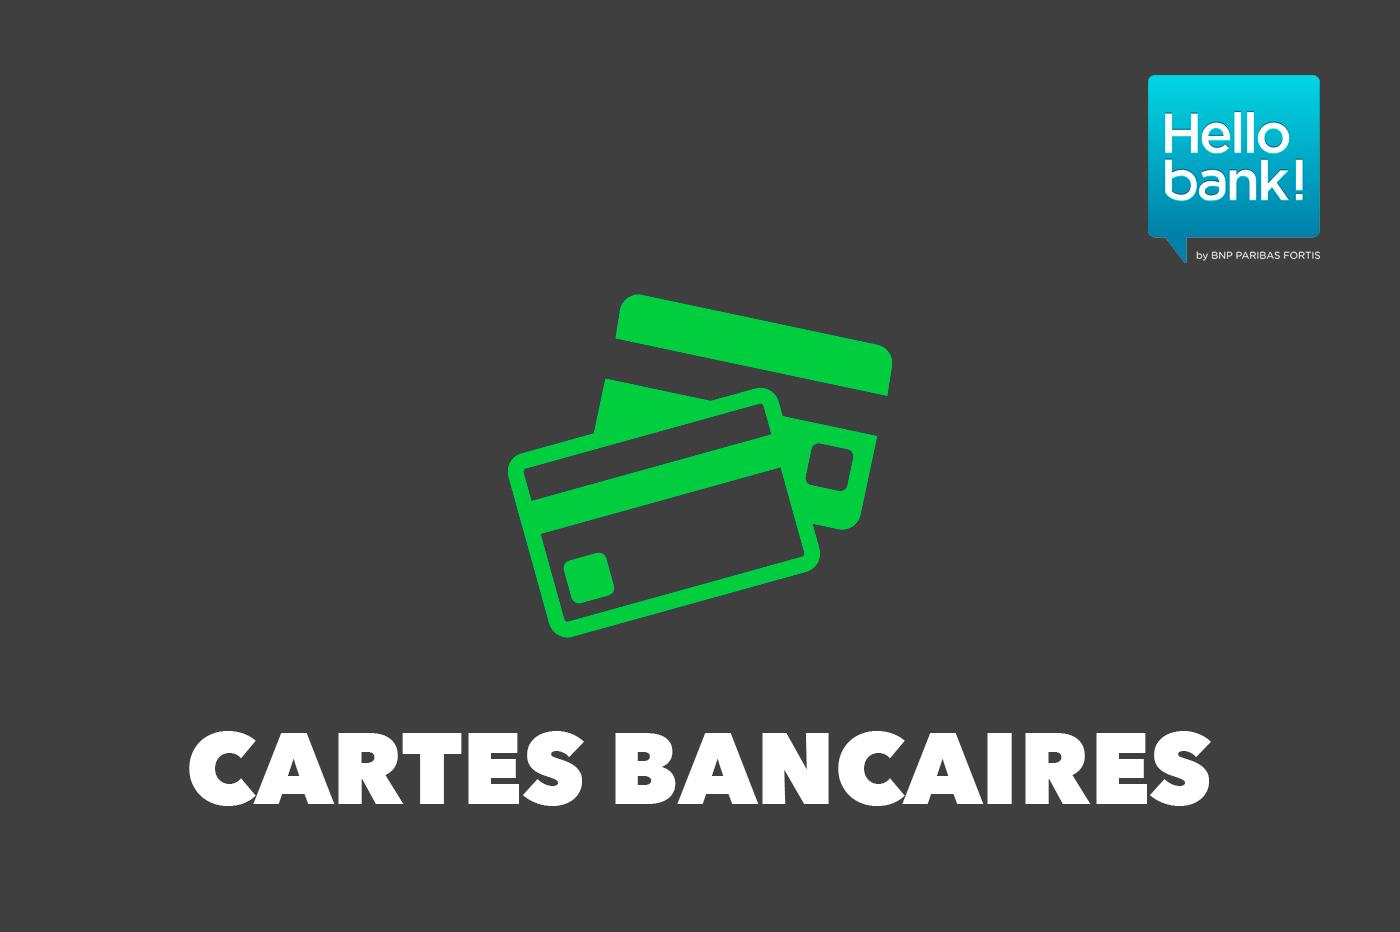 Carte Bancaire Fortis.Carte Bancaire Hello Bank Gratuite Sous Condition De Revenus